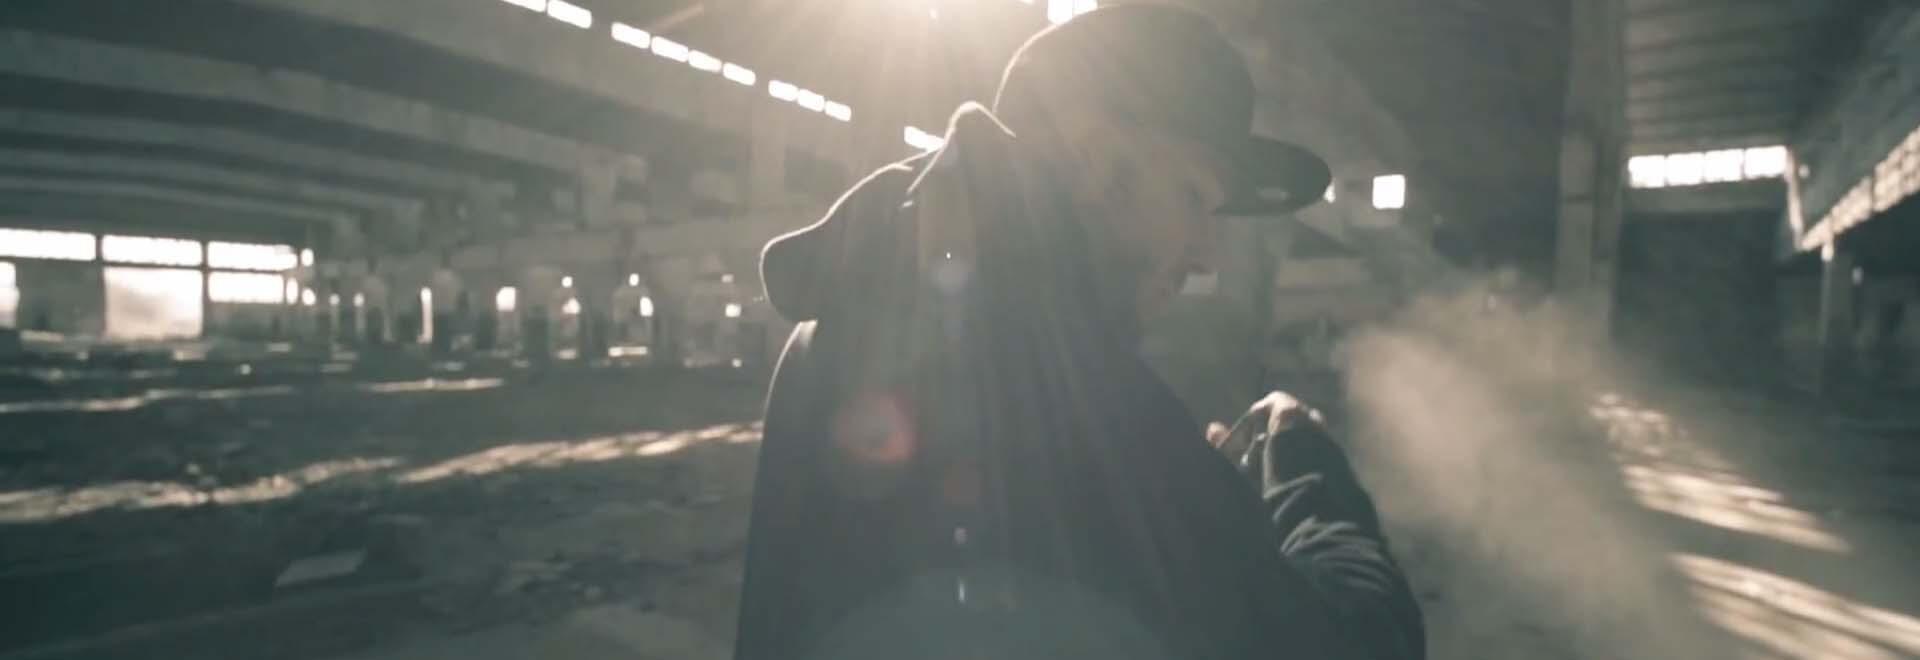 Teledyski hiphopowe – jak stworzyć dobry teledysk hiphopowy